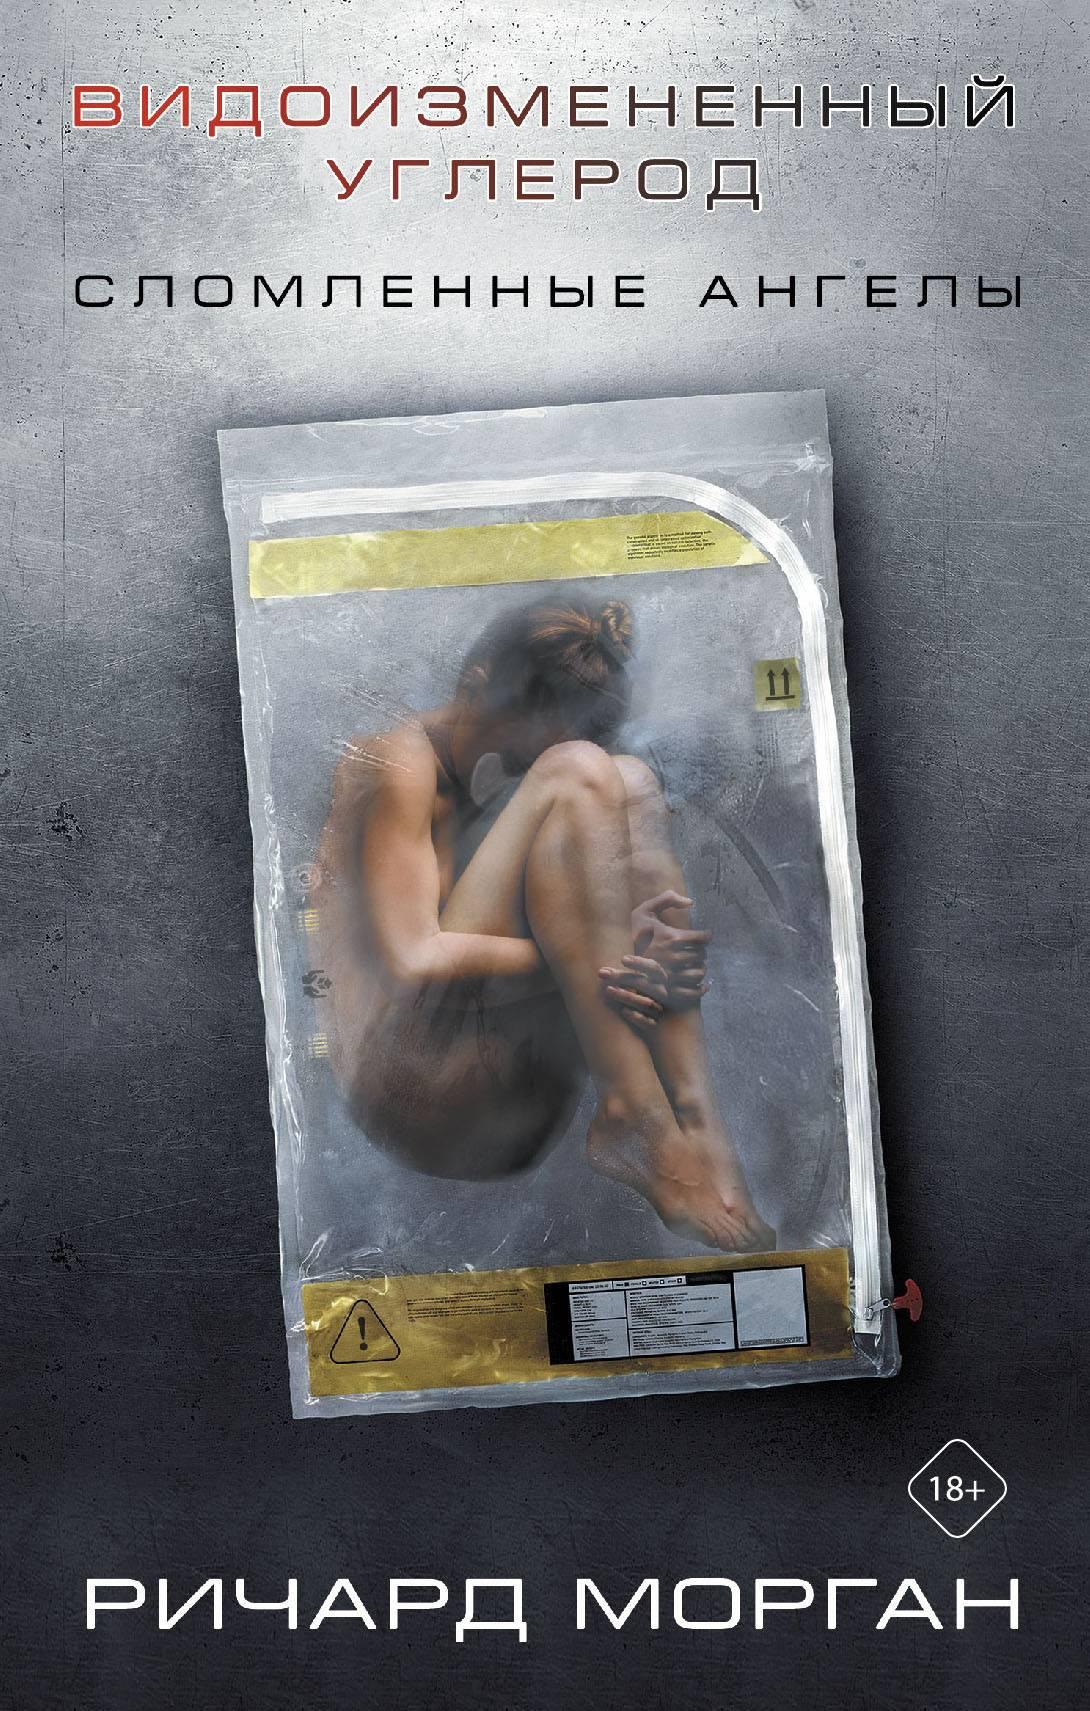 Видоизмененный углерод: Сломленные ангелы